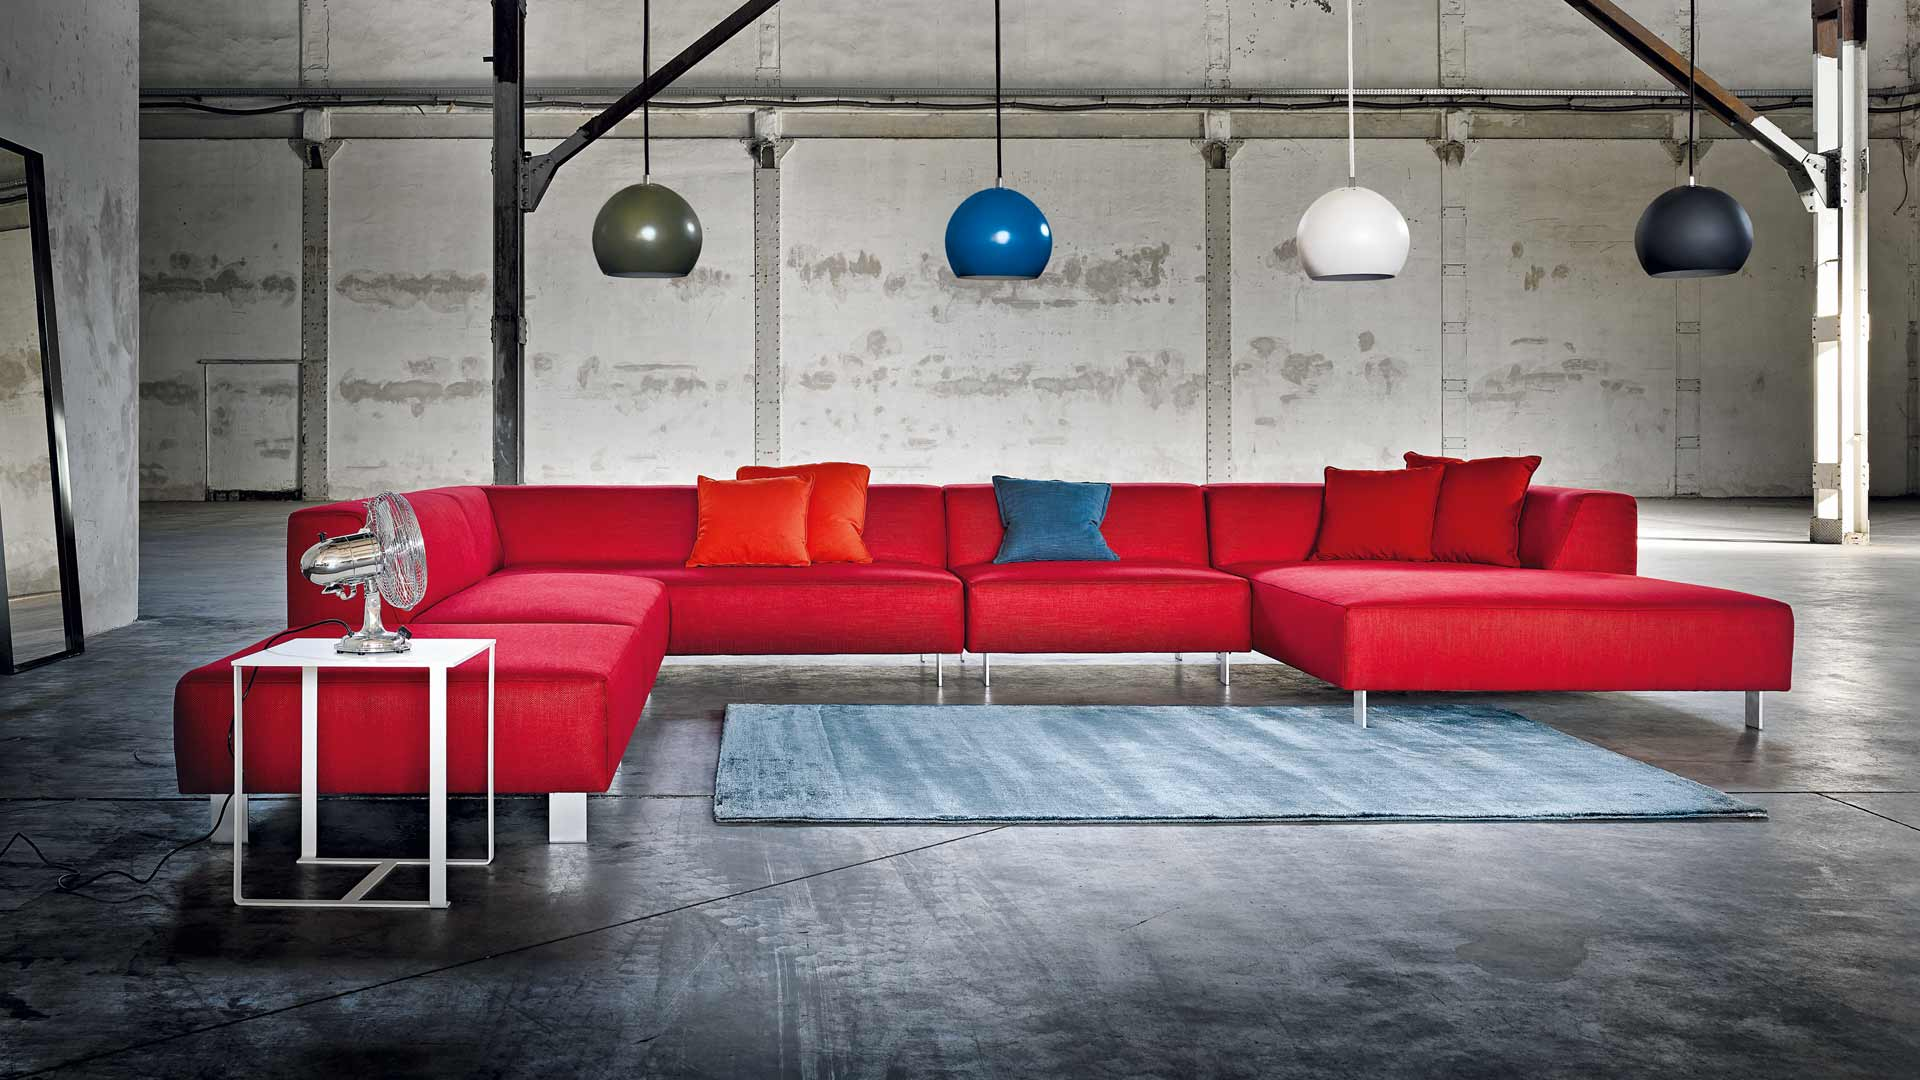 contur 6200 von contur einrichtungen in bergisch gladbach bei k ln im bergischen land m bel lenz. Black Bedroom Furniture Sets. Home Design Ideas